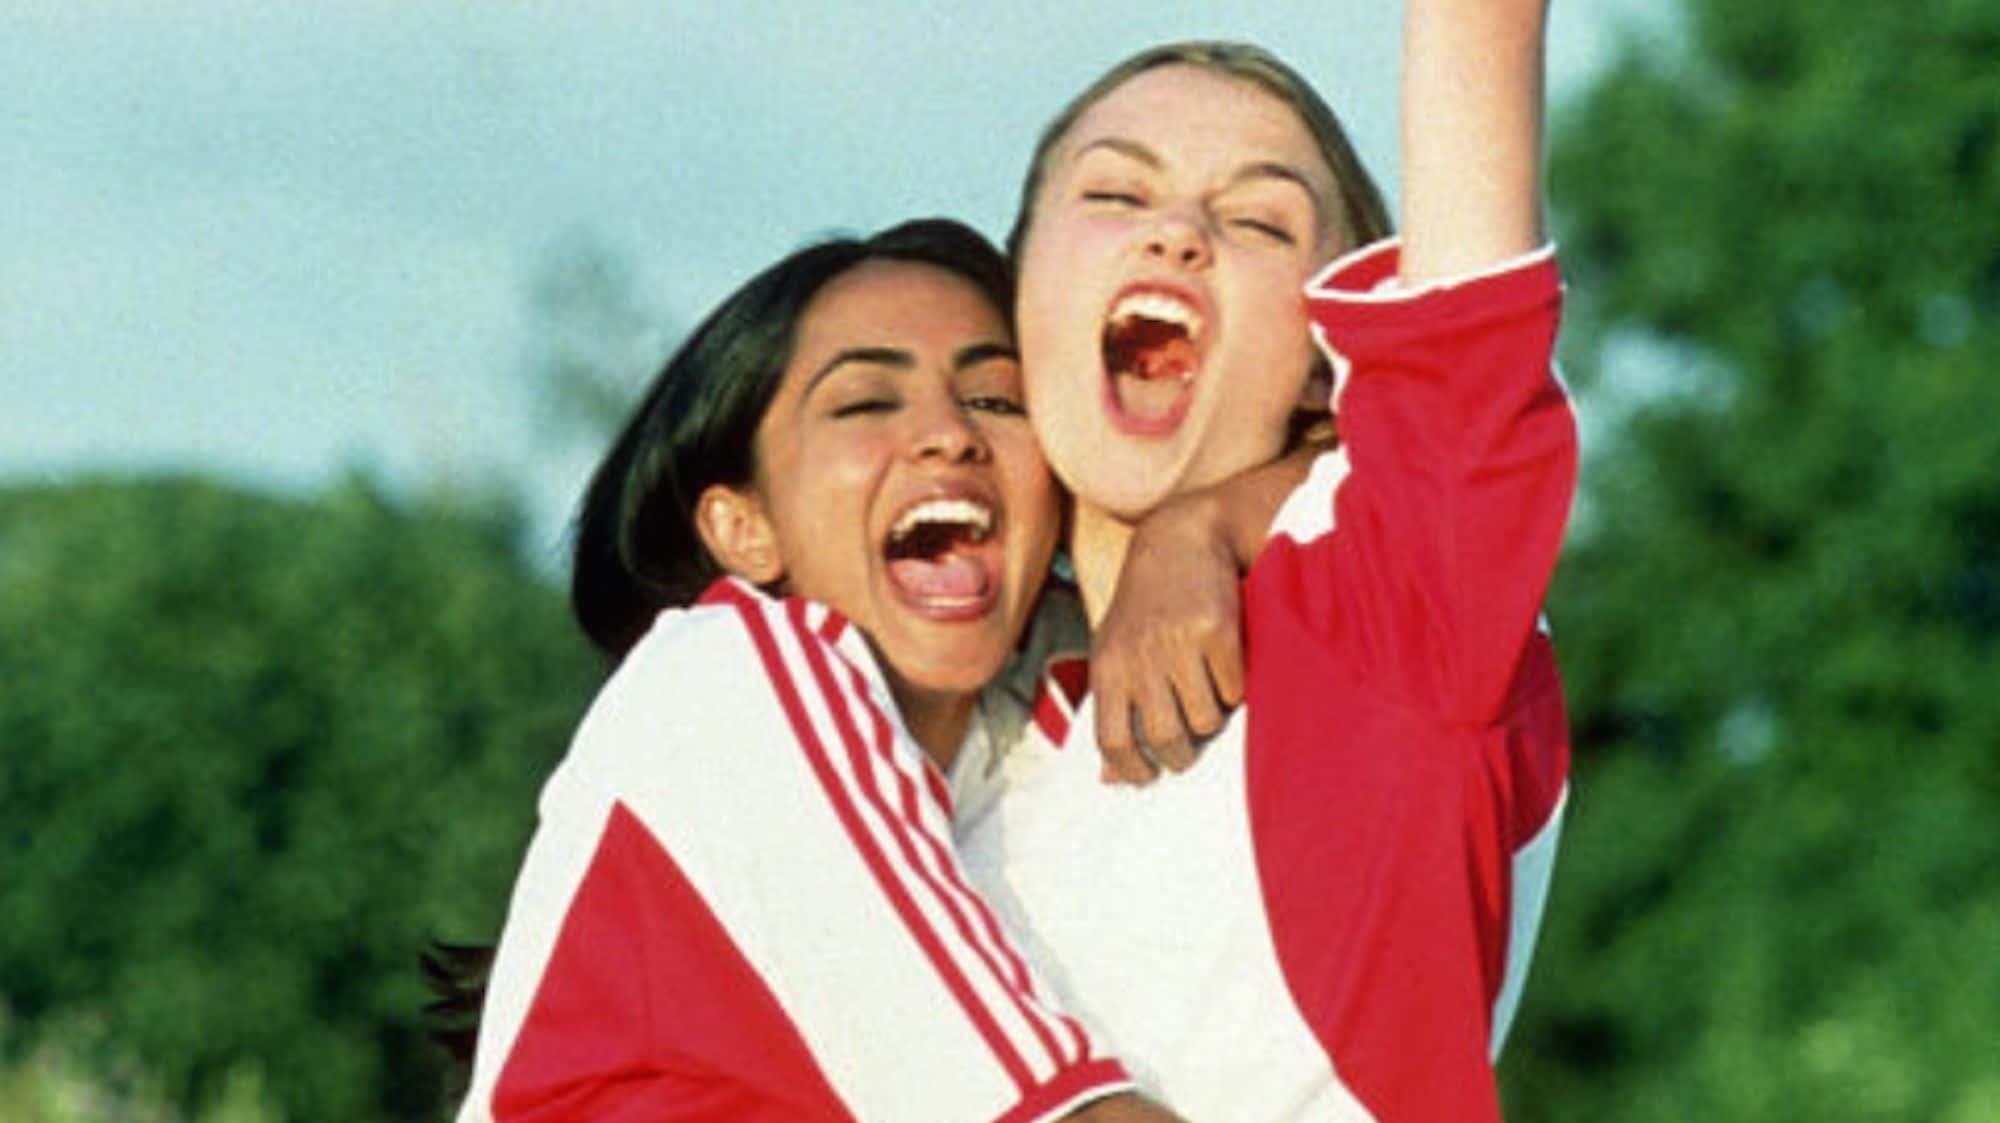 Keira Knightley Fan West Ham United